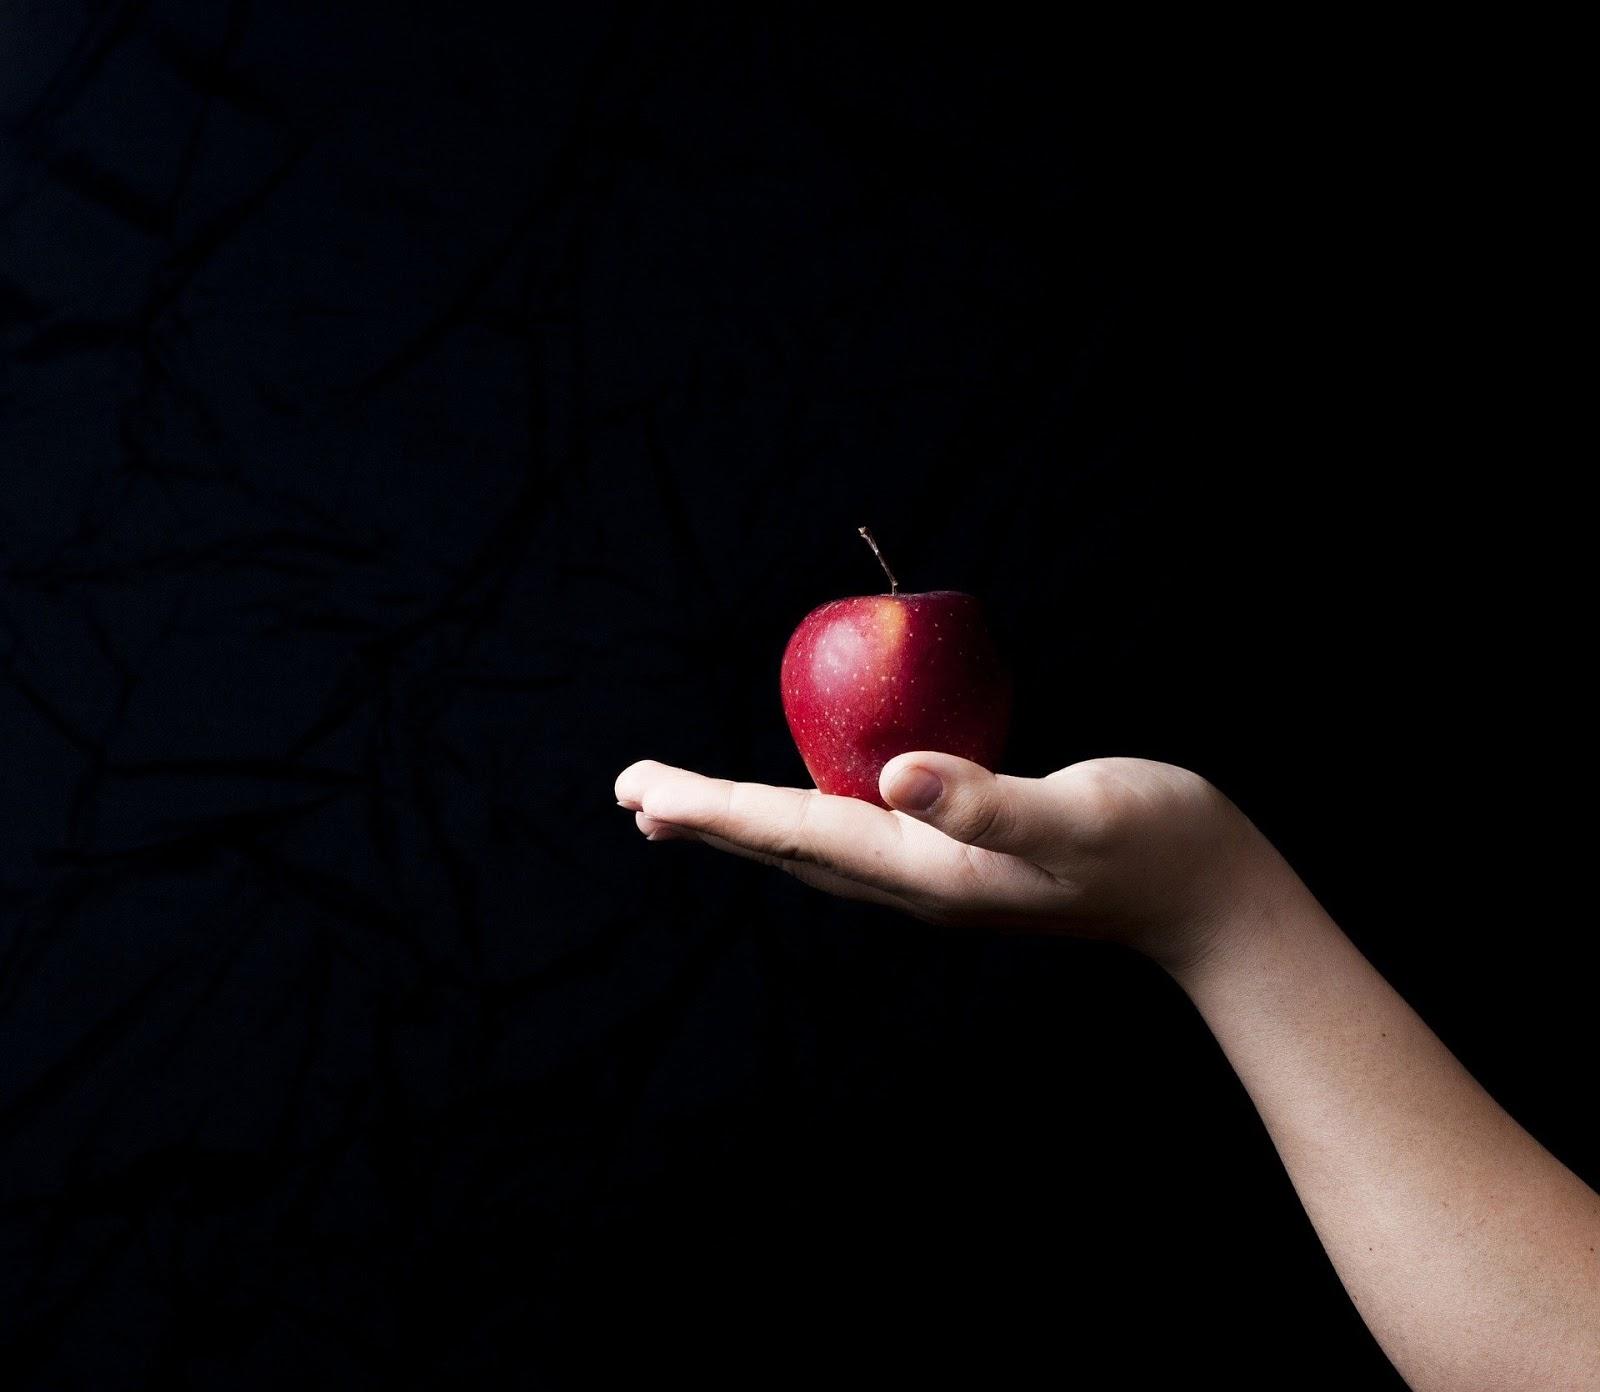 Wallpaper apple fruit